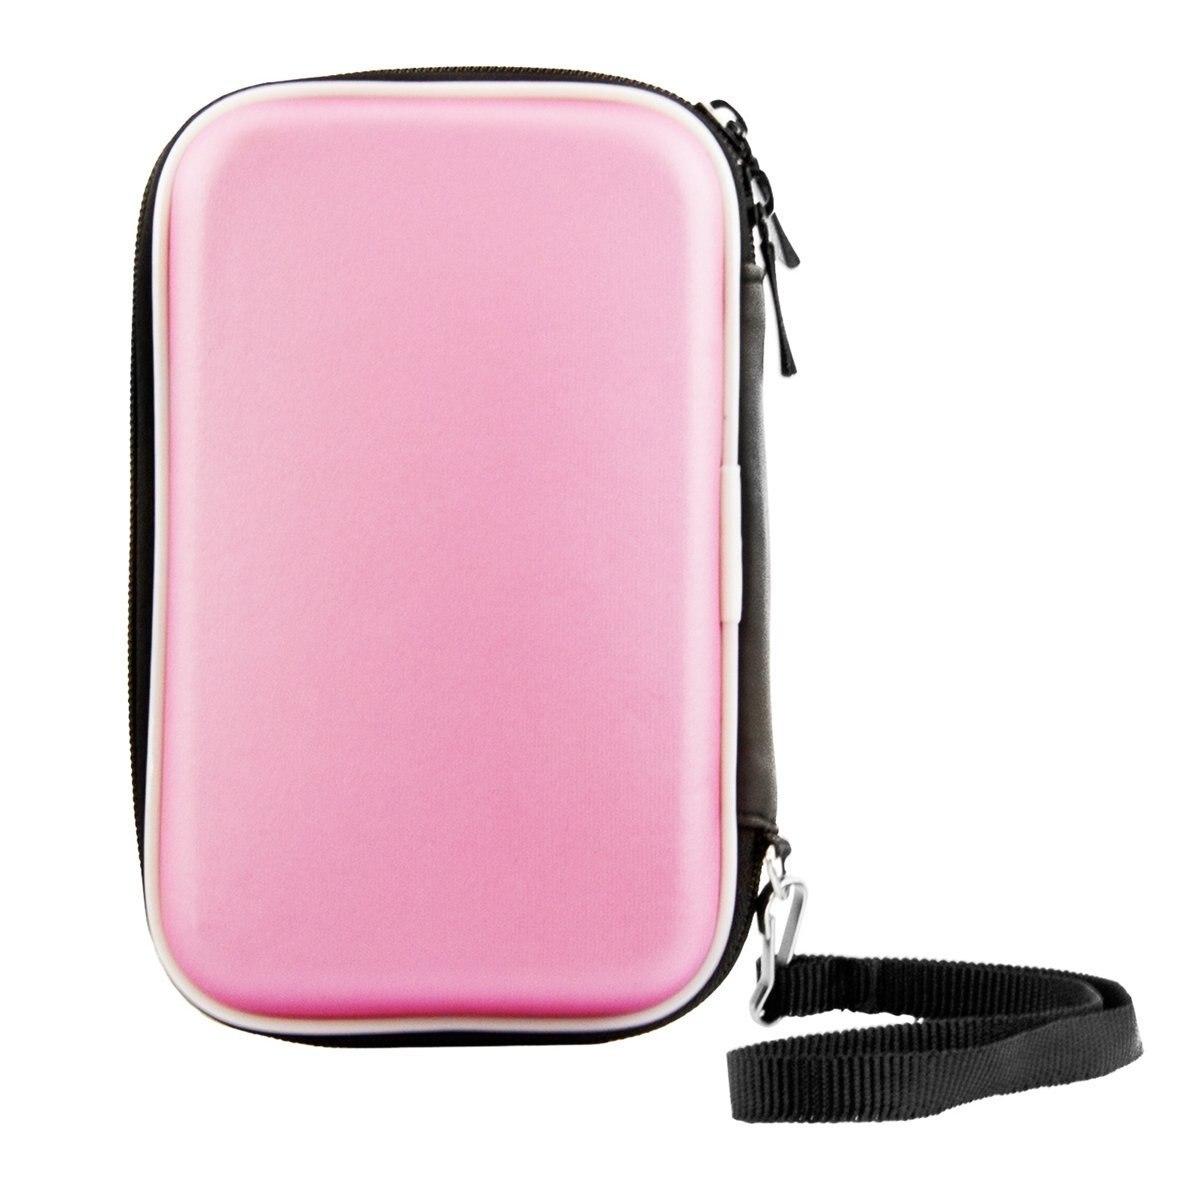 """Yoc-carry caso capa bolsa saco para 2.5 """"usb disco rígido externo proteger rosa"""